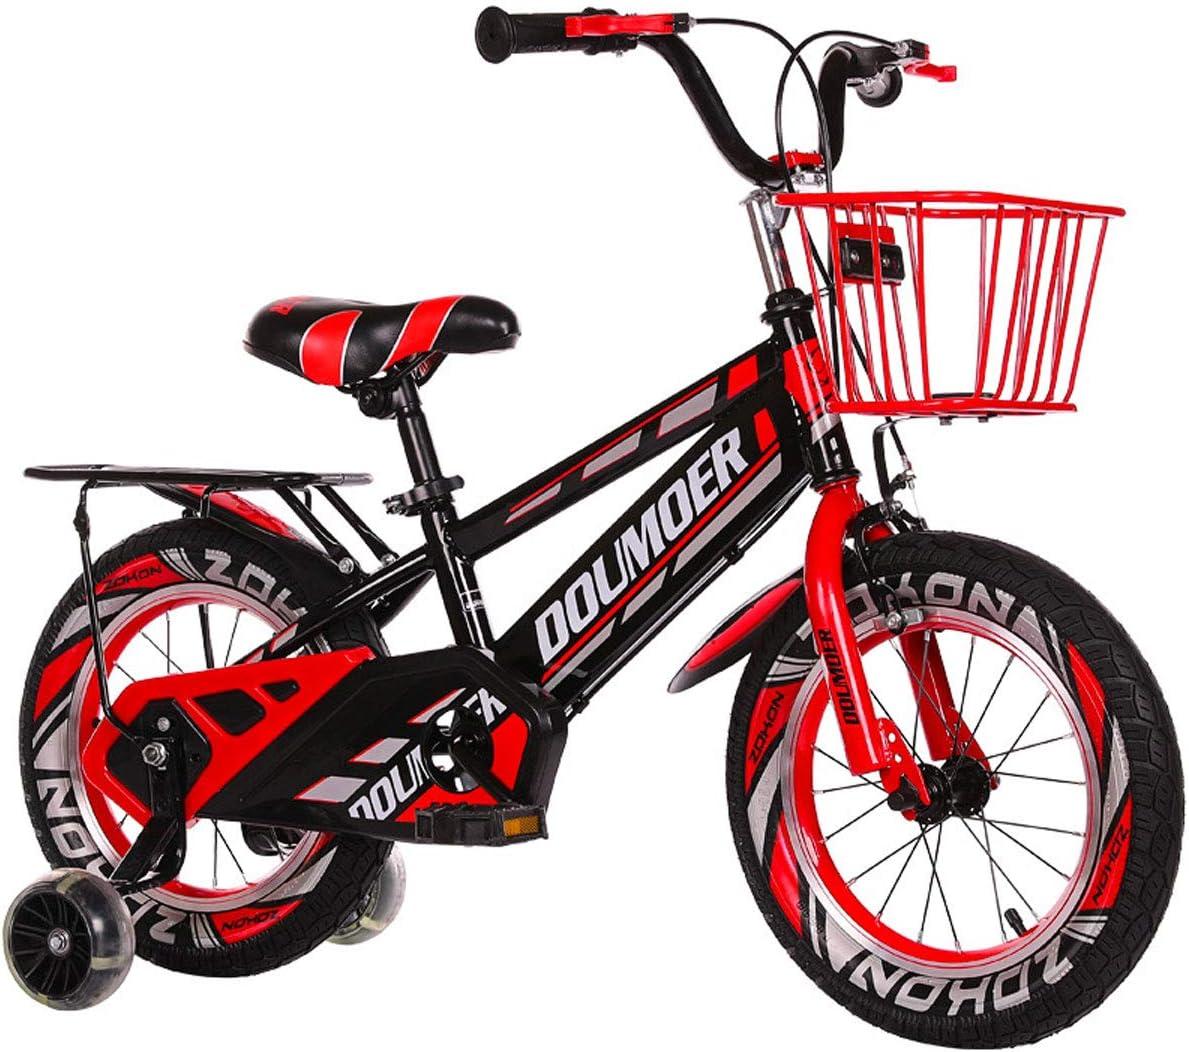 JHGK Bicicleta Infantil con Asiento Trasero Abierto, 12/14 Pulgadas De Coches con Flash Auxiliar Ruedas, Chasis Espesado De Acero Al Carbono, Bicicletas 3-7 Años De Los Niños,Rojo,14 Inch